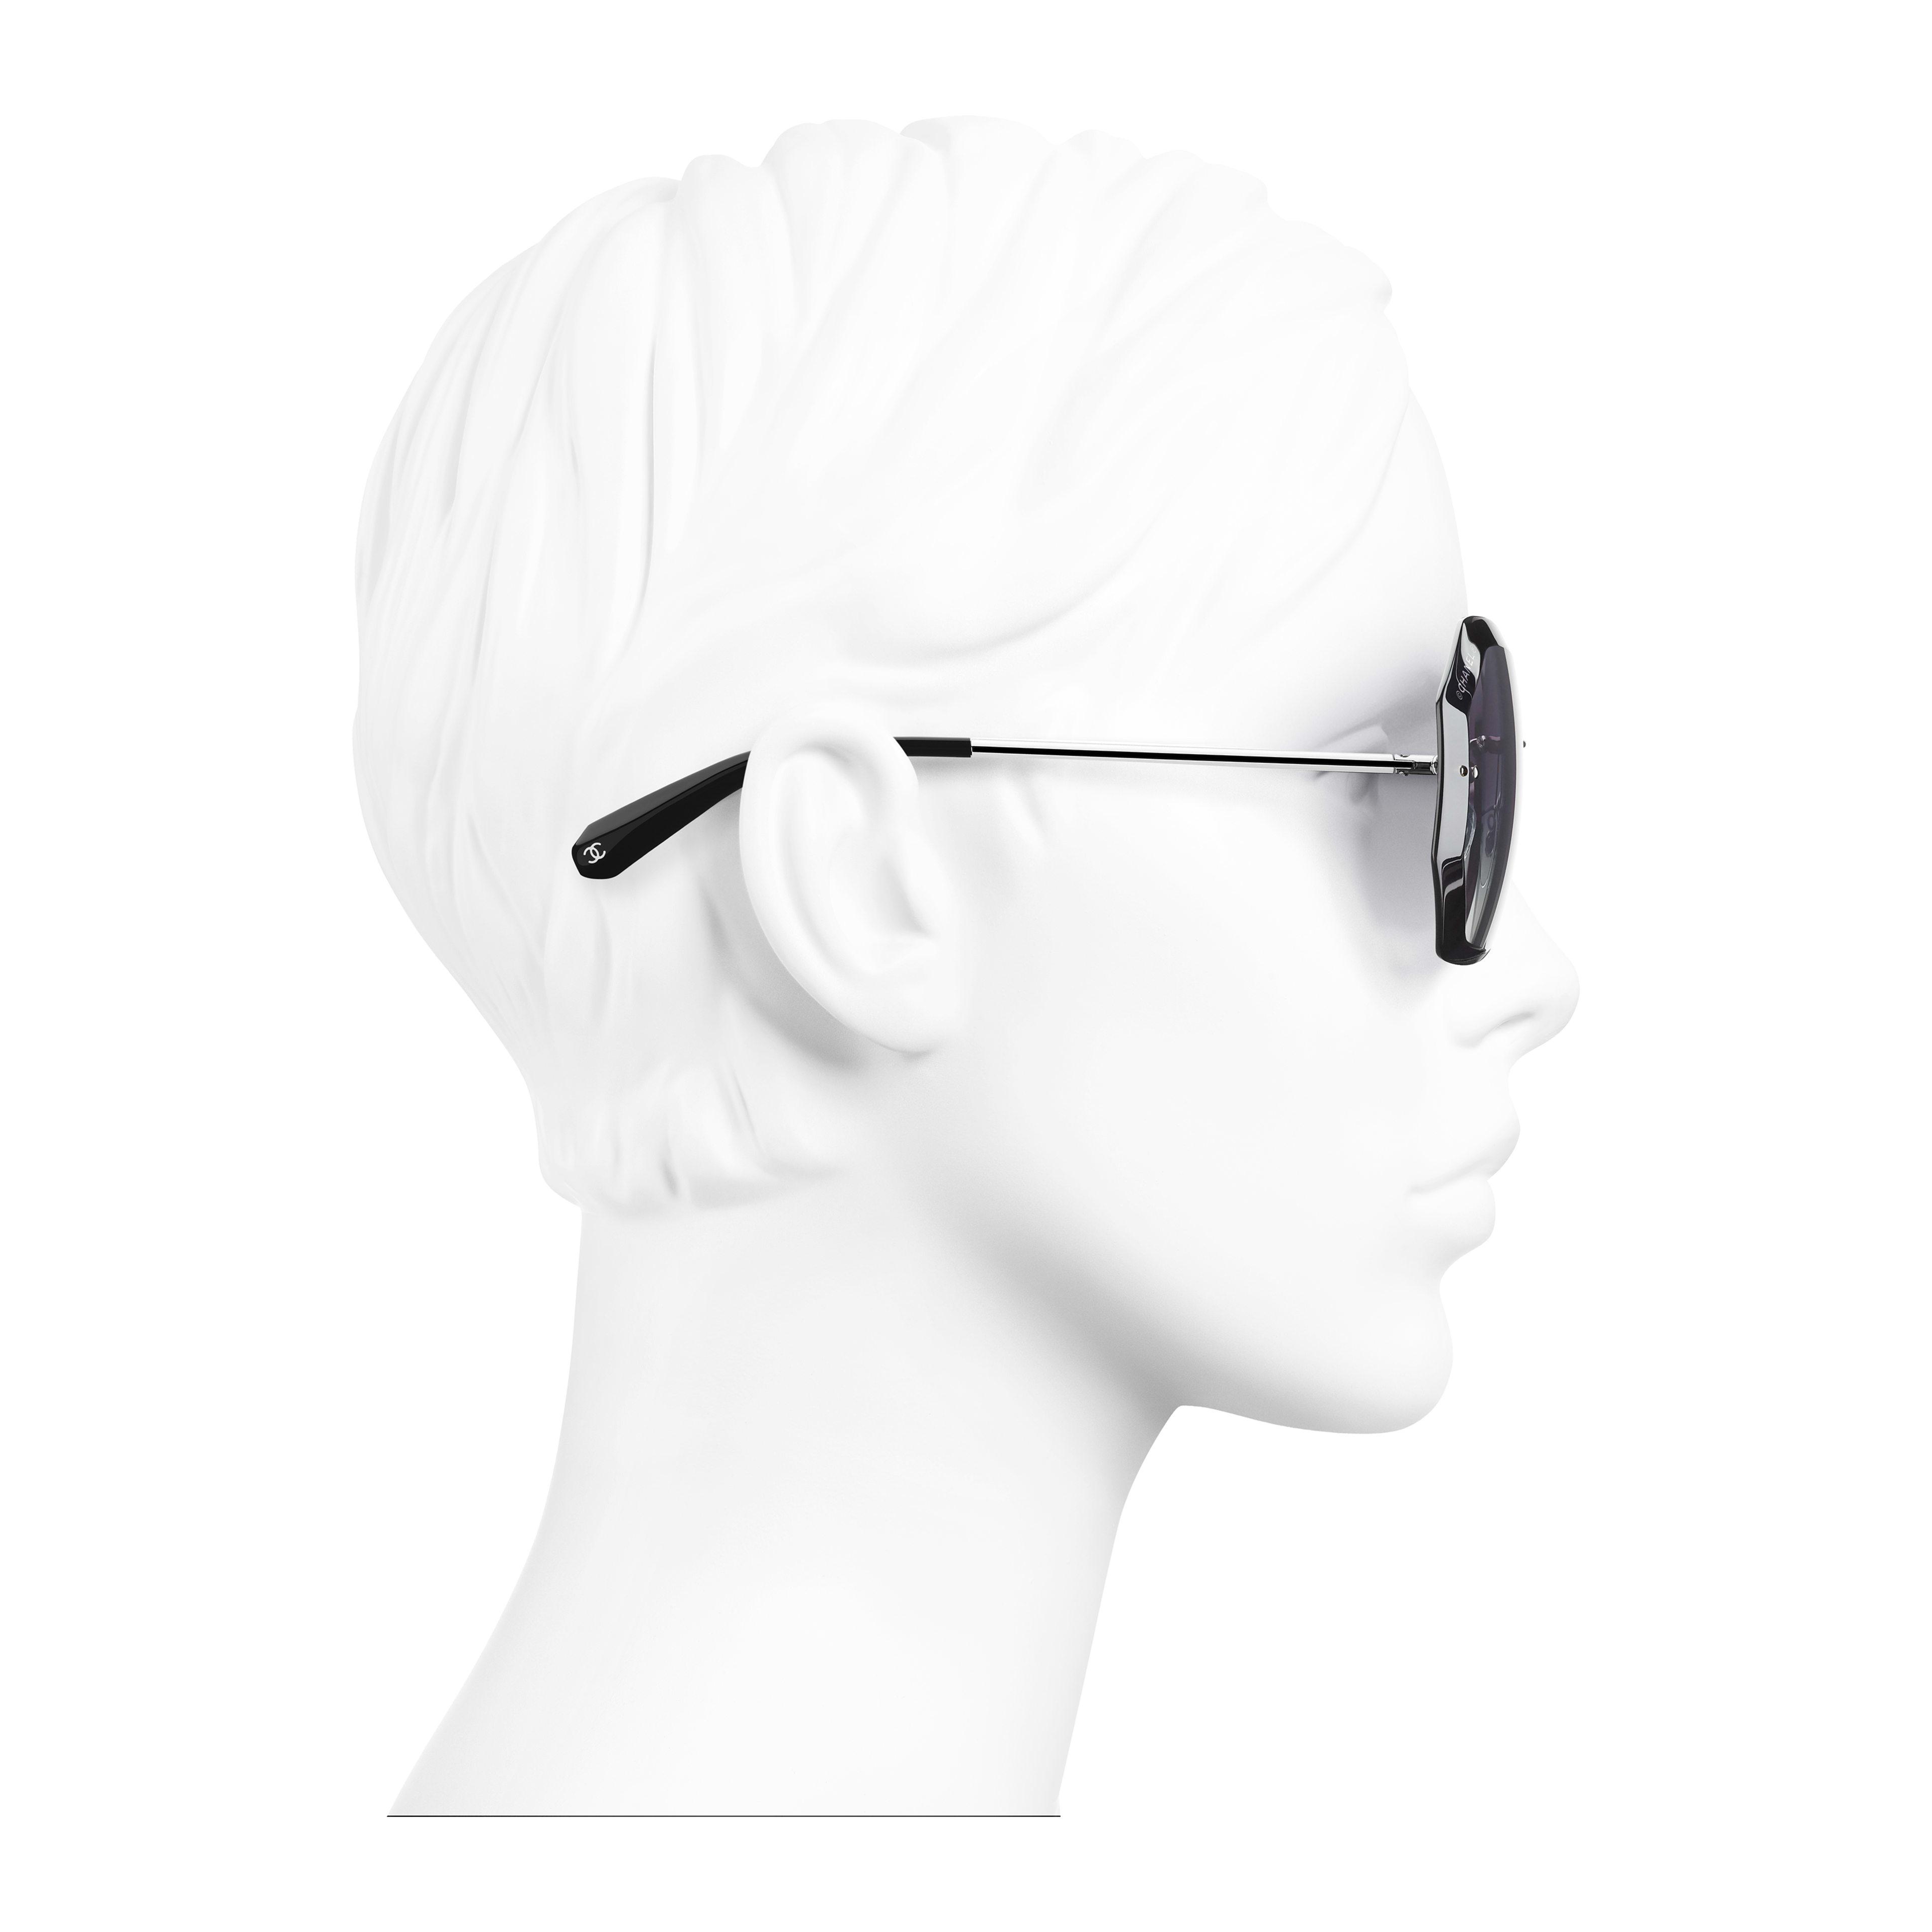 Солнцезащитные очки круглой формы - Серебристый и серый - Металл - Вид в профиль - посмотреть полноразмерное изображение